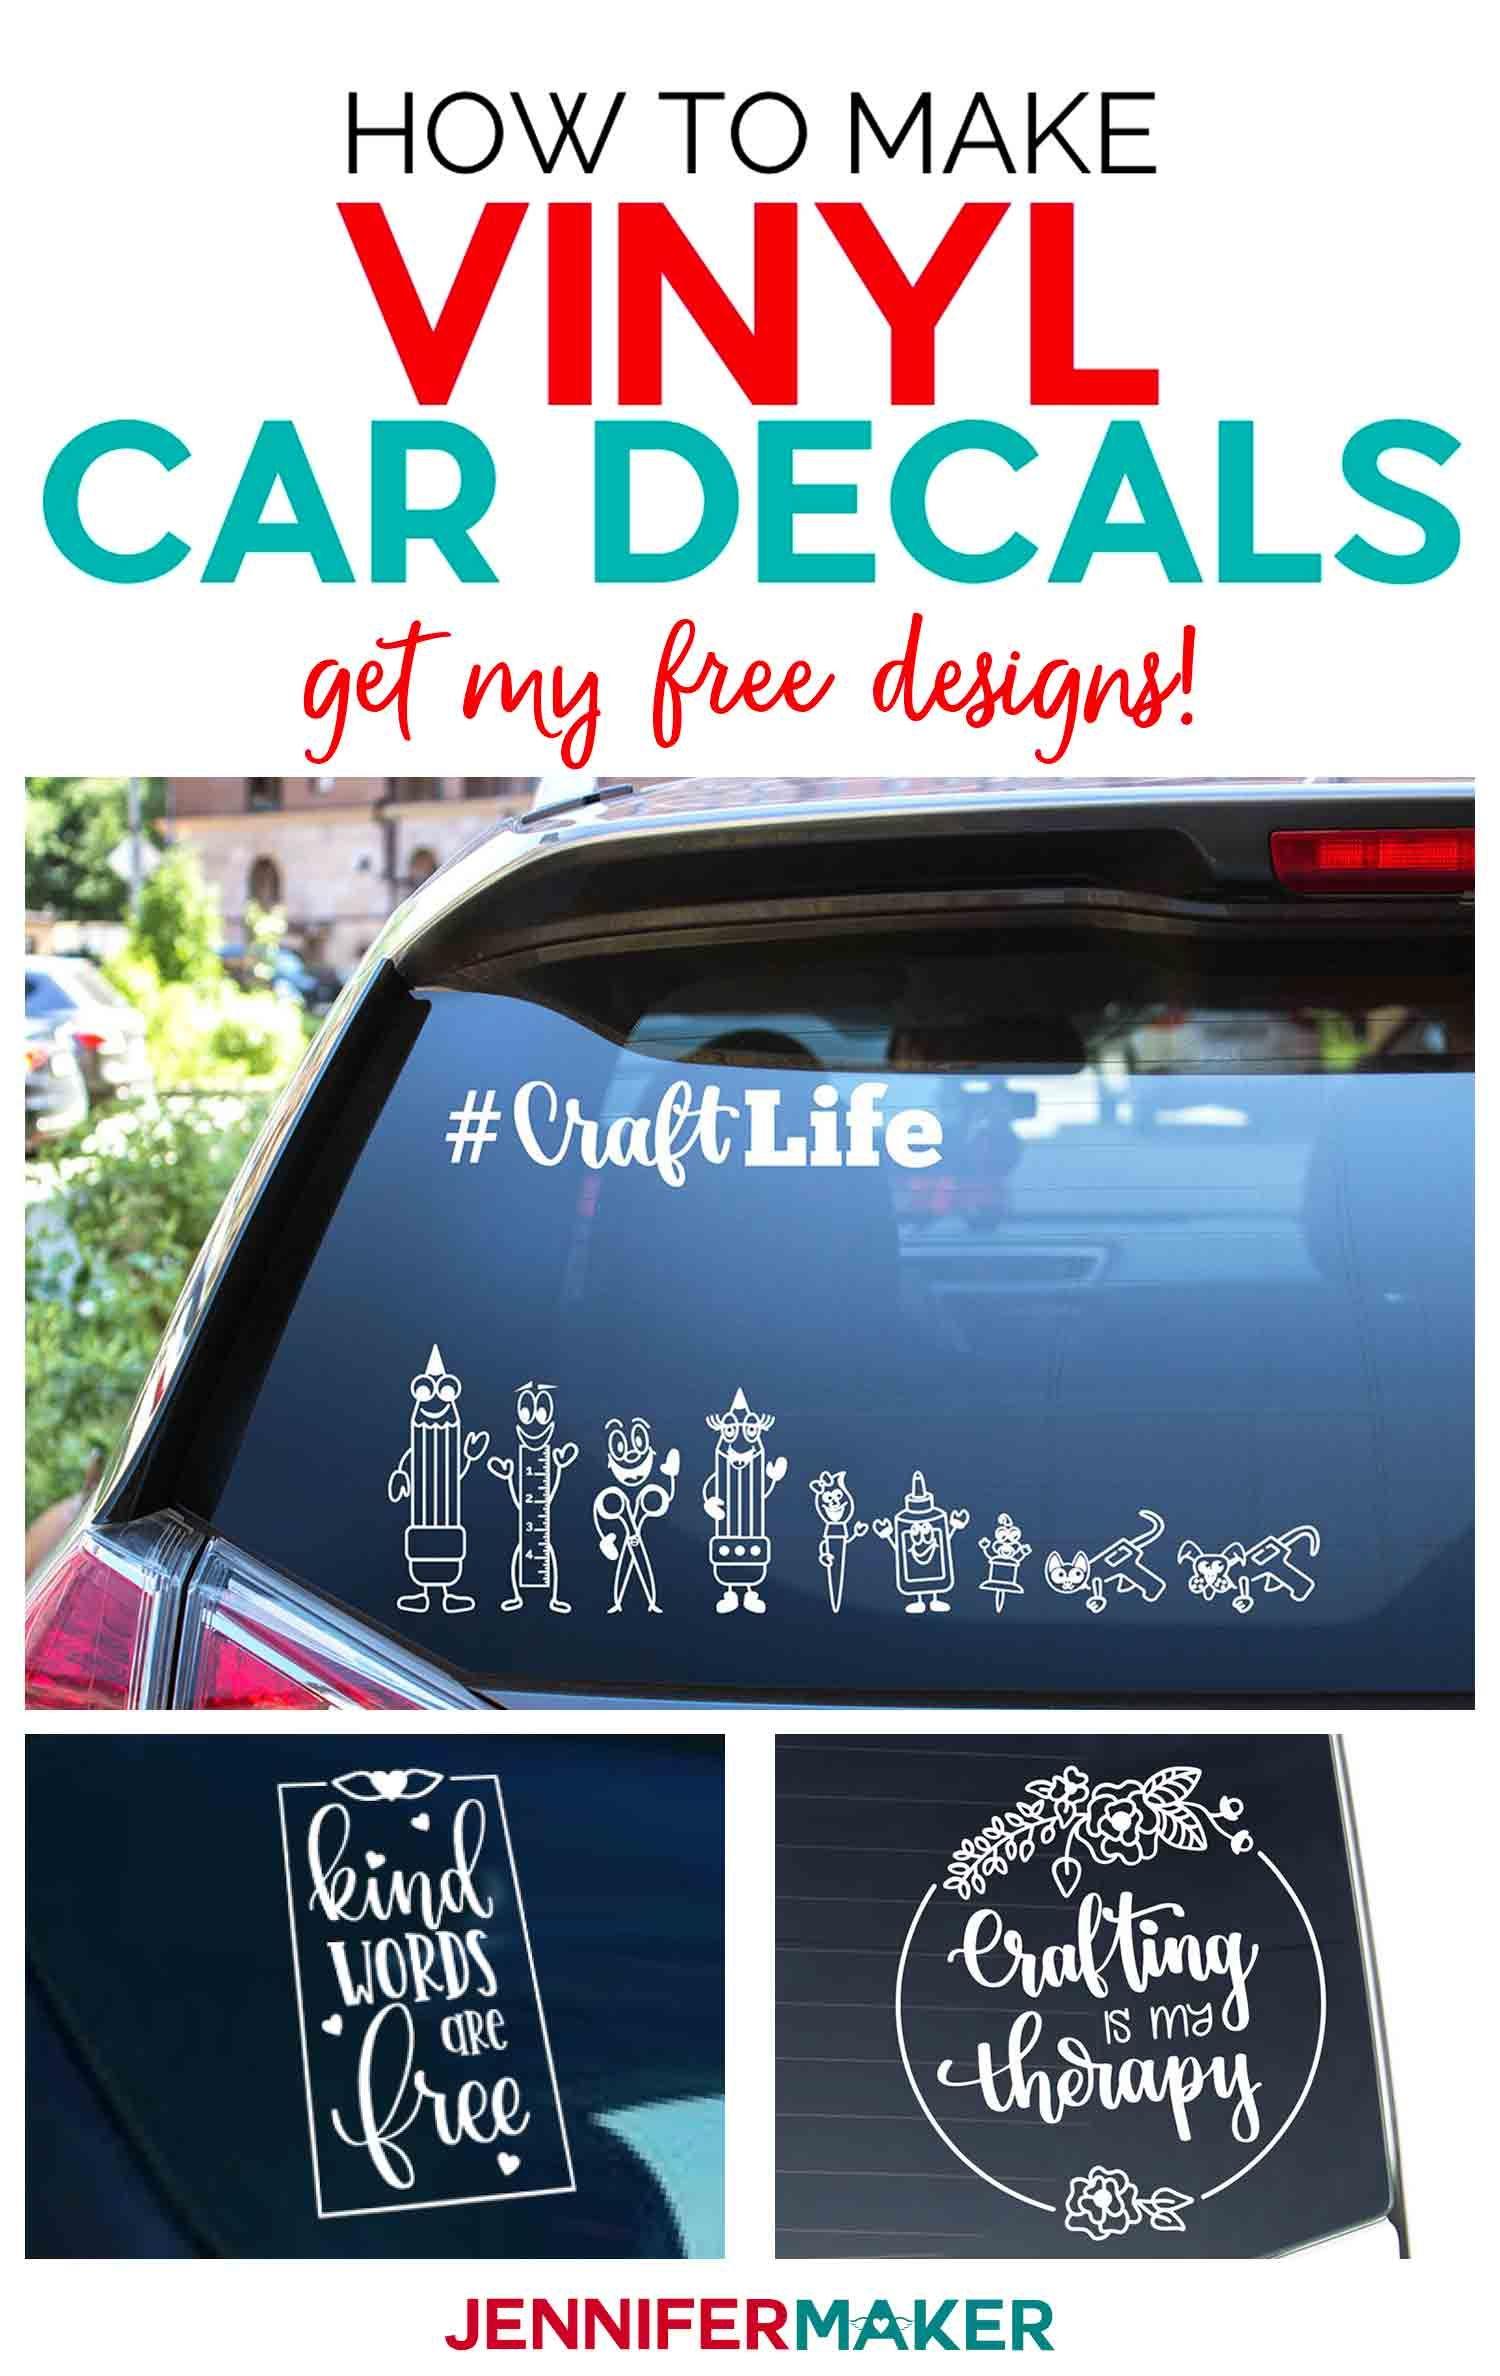 How To Make Car Decals With Cricut : decals, cricut, Vinyl, Decals, Quick, Jennifer, Maker, Vinyl,, Cricut, Projects, Tutorials